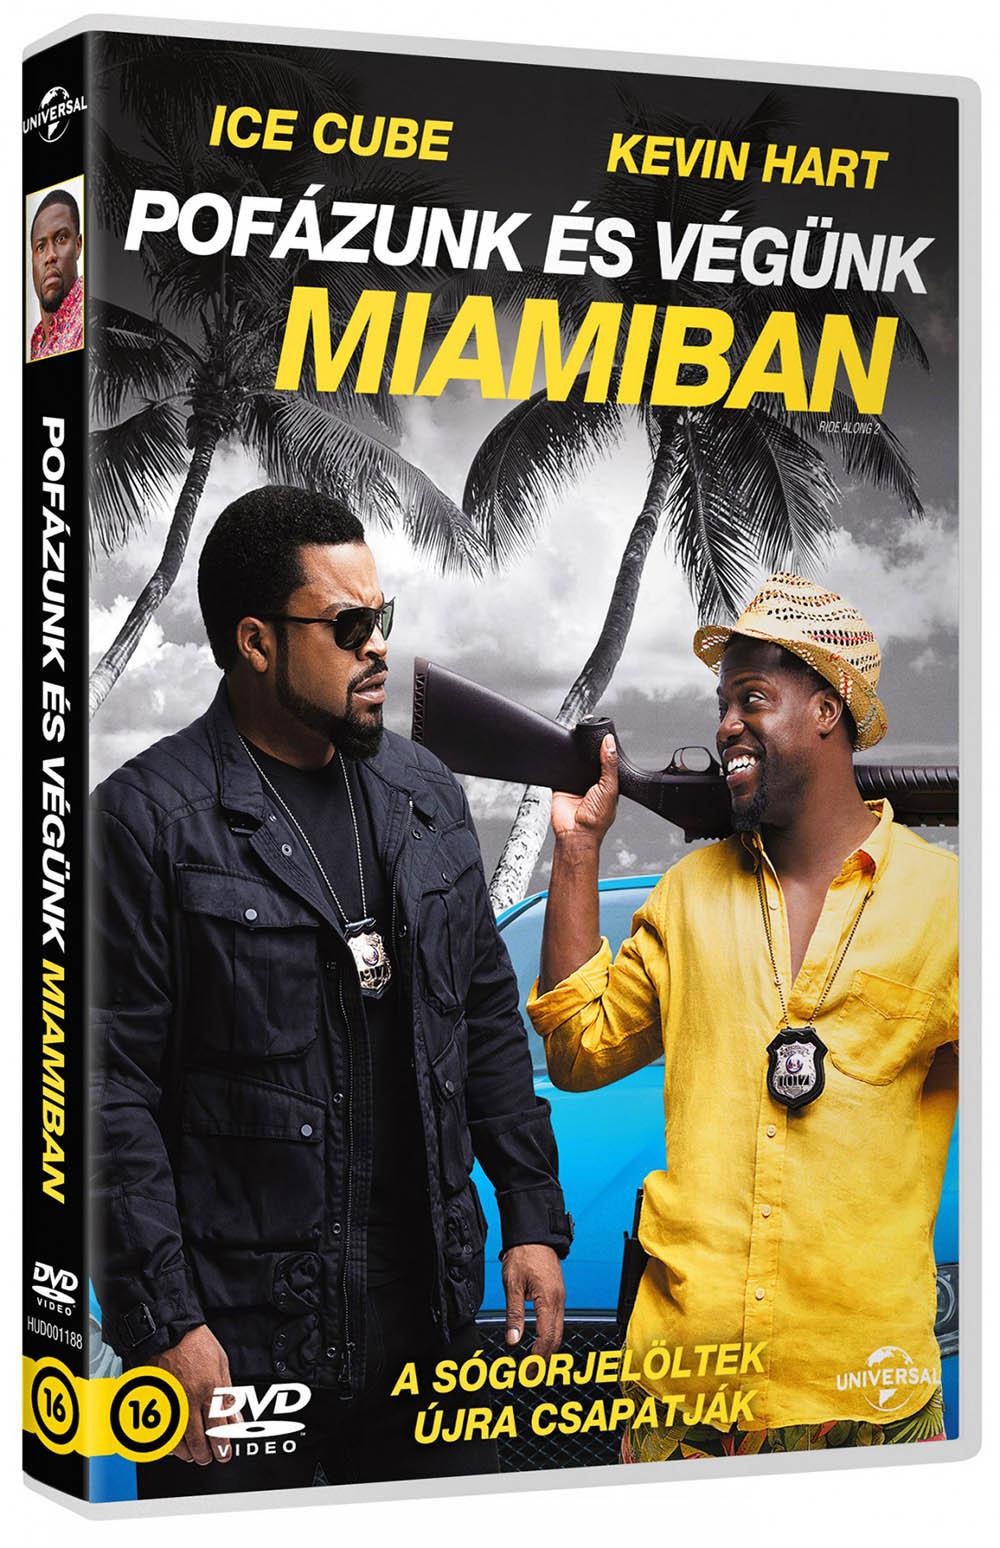 pofazunk-es-vegunk-miamiban-dvd.jpg